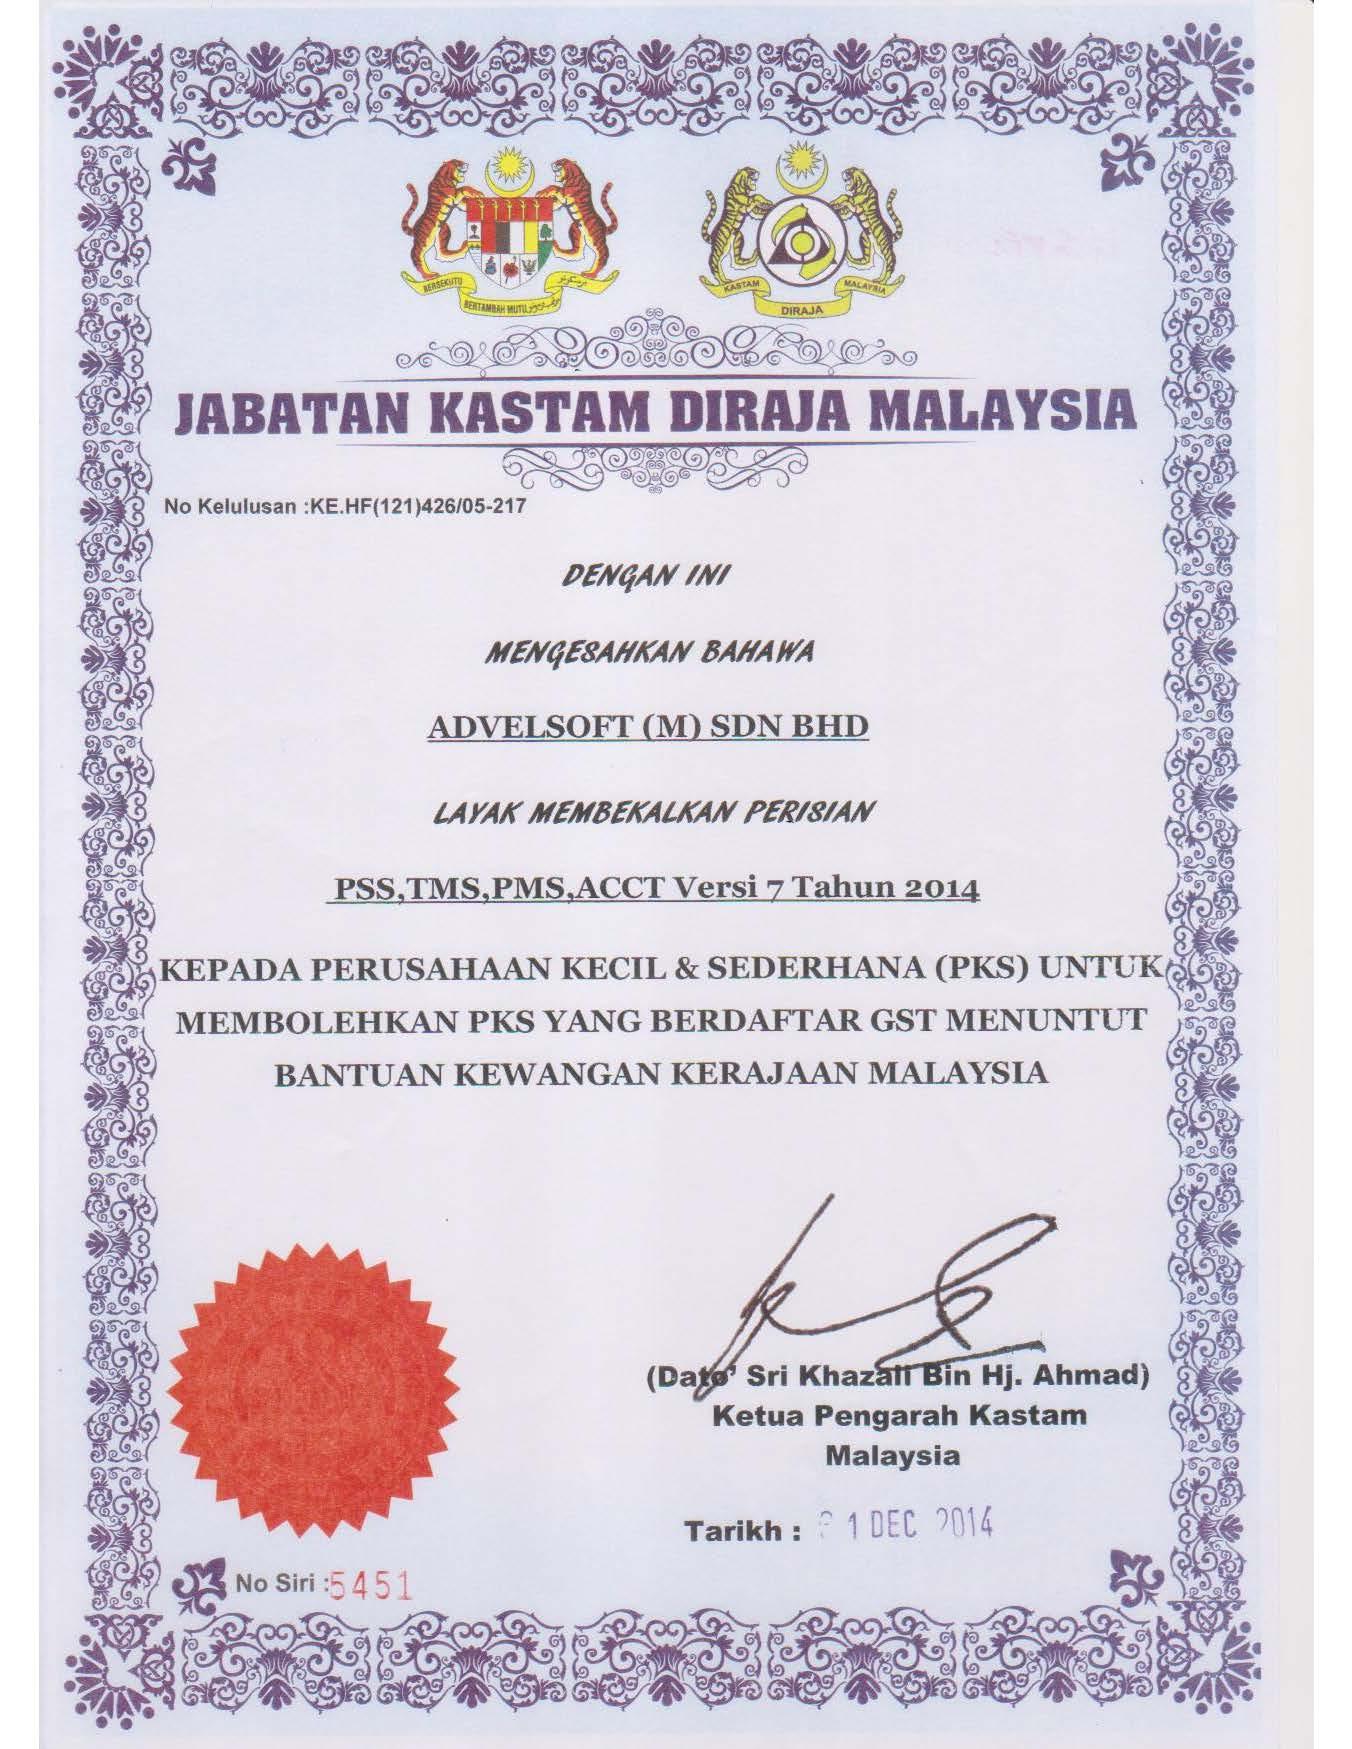 Gst Certificate Advelsoft M Sdn Bhd Selangor